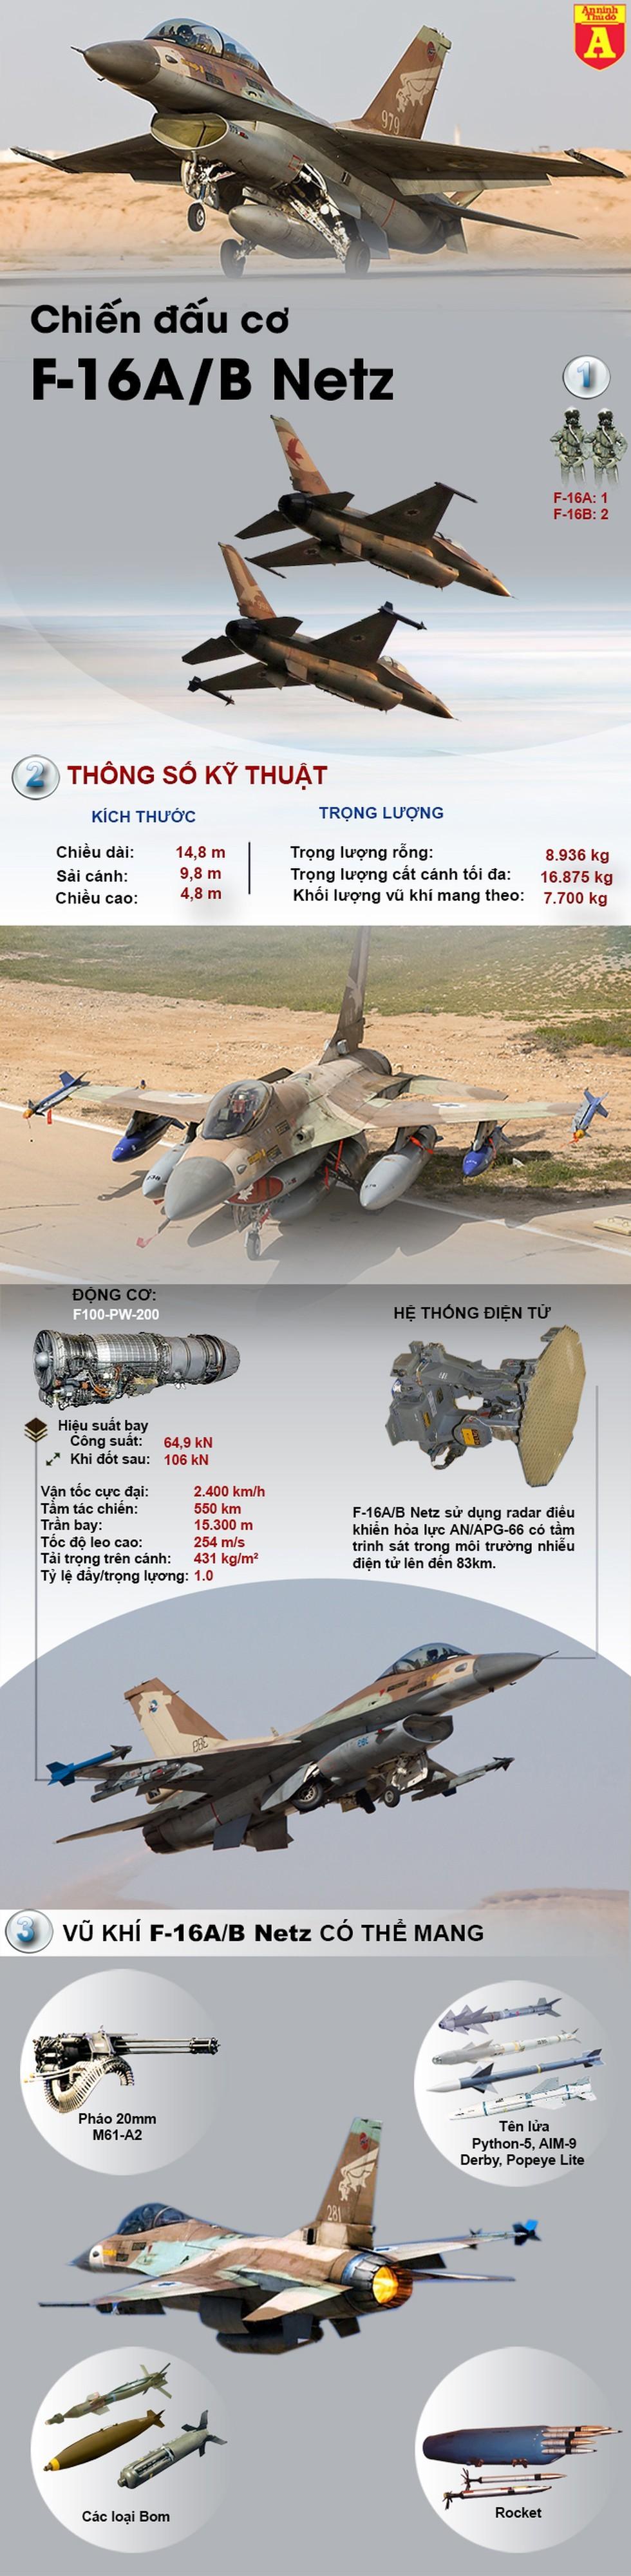 [Info] Syria mừng hụt trước thông tin Israel loại bỏ chiến đấu cơ F-16 ảnh 2